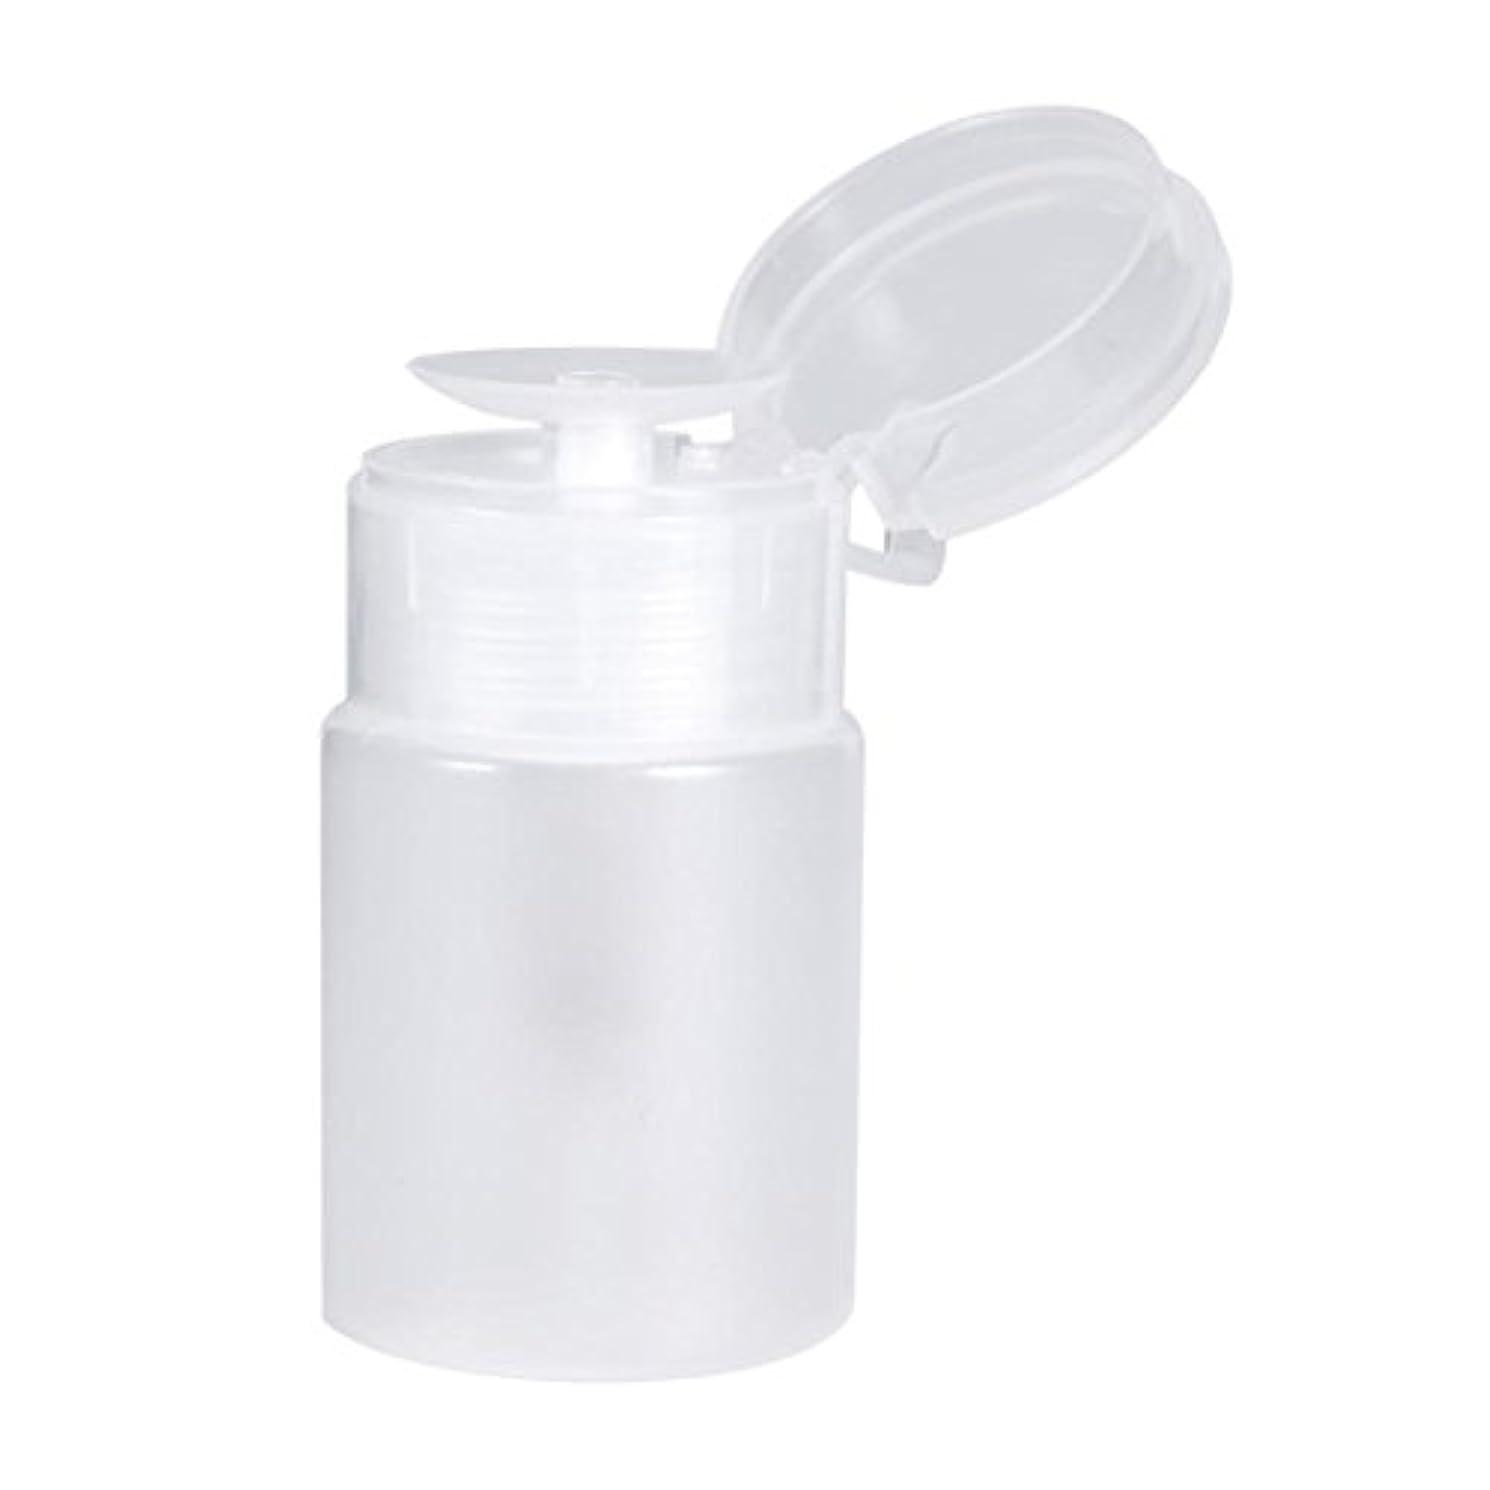 しっかり気配りのあるすべきネイルディスペンサーボトル、プッシュダウンディスペンサーネイルポリッシュリムーバーポンプ空のボトルディスペンサー液体ボトル容器60ミリリットル(白)